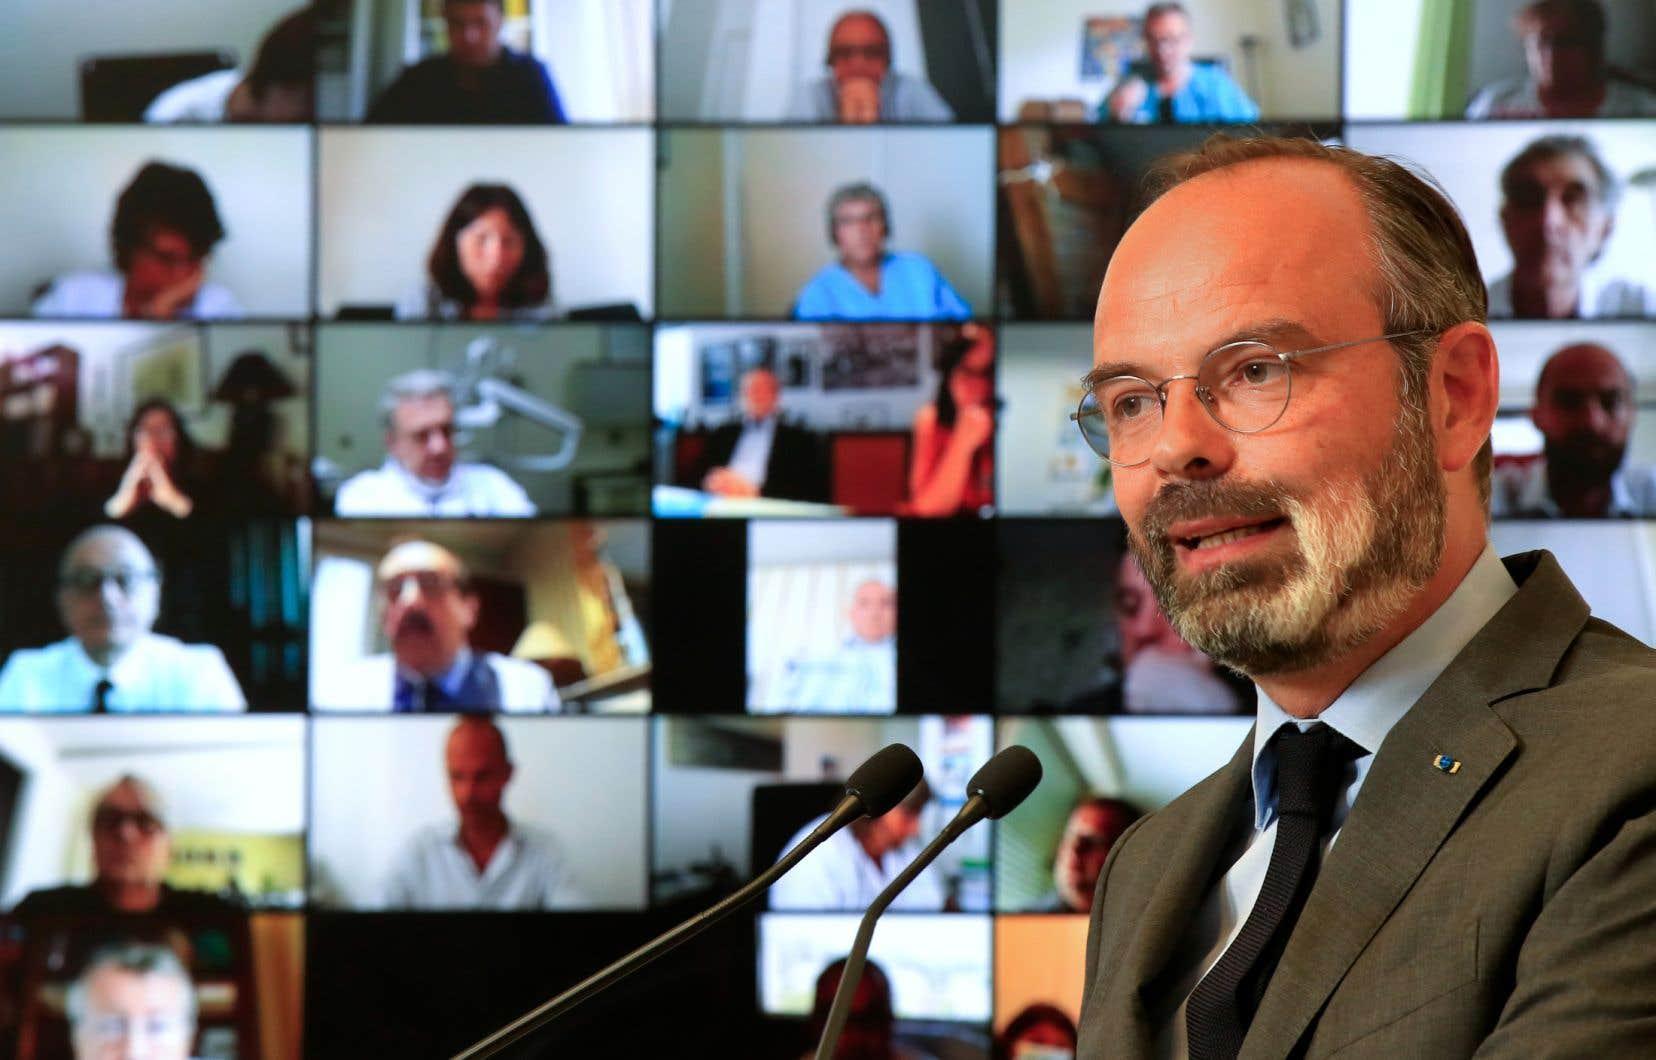 Le premier ministre français, Édouard Philippe, s'est exprimé lundi au cours d'une large visioconférence depuis le ministère de la Santé.